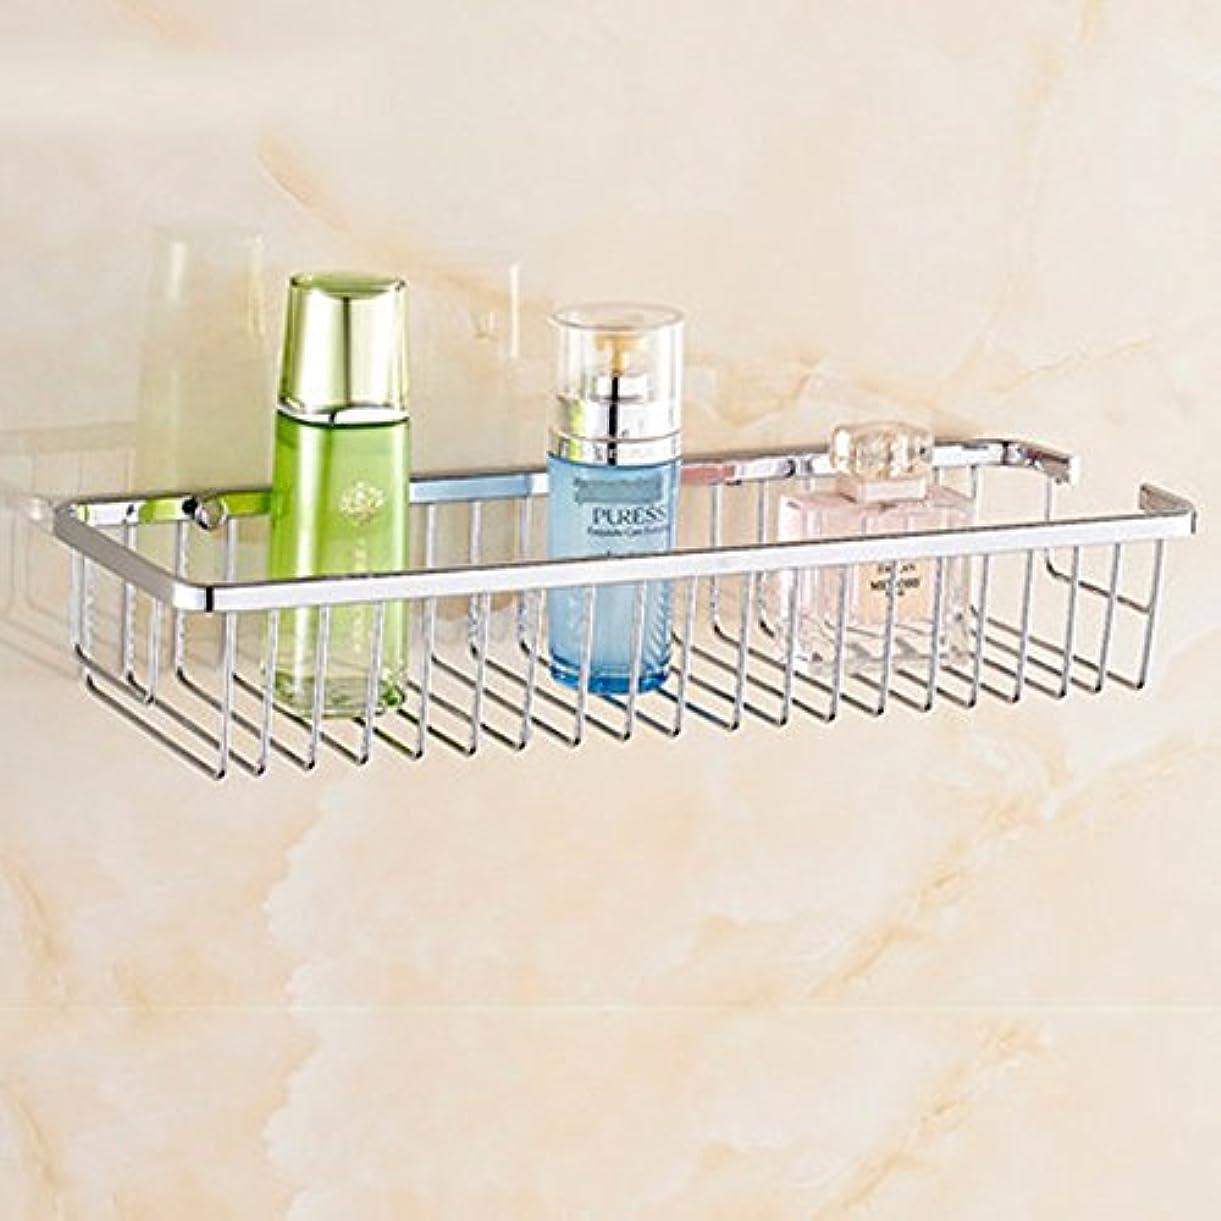 ZZLX 304ステンレススチールバスルームラックバスルーム棚シングルレイヤーダブルレイヤー四角形バスケット(オプションのサイズ)(オプションのレイヤー) ロングハンドル風呂ブラシ (色 : A, サイズ さいず : 30cm)